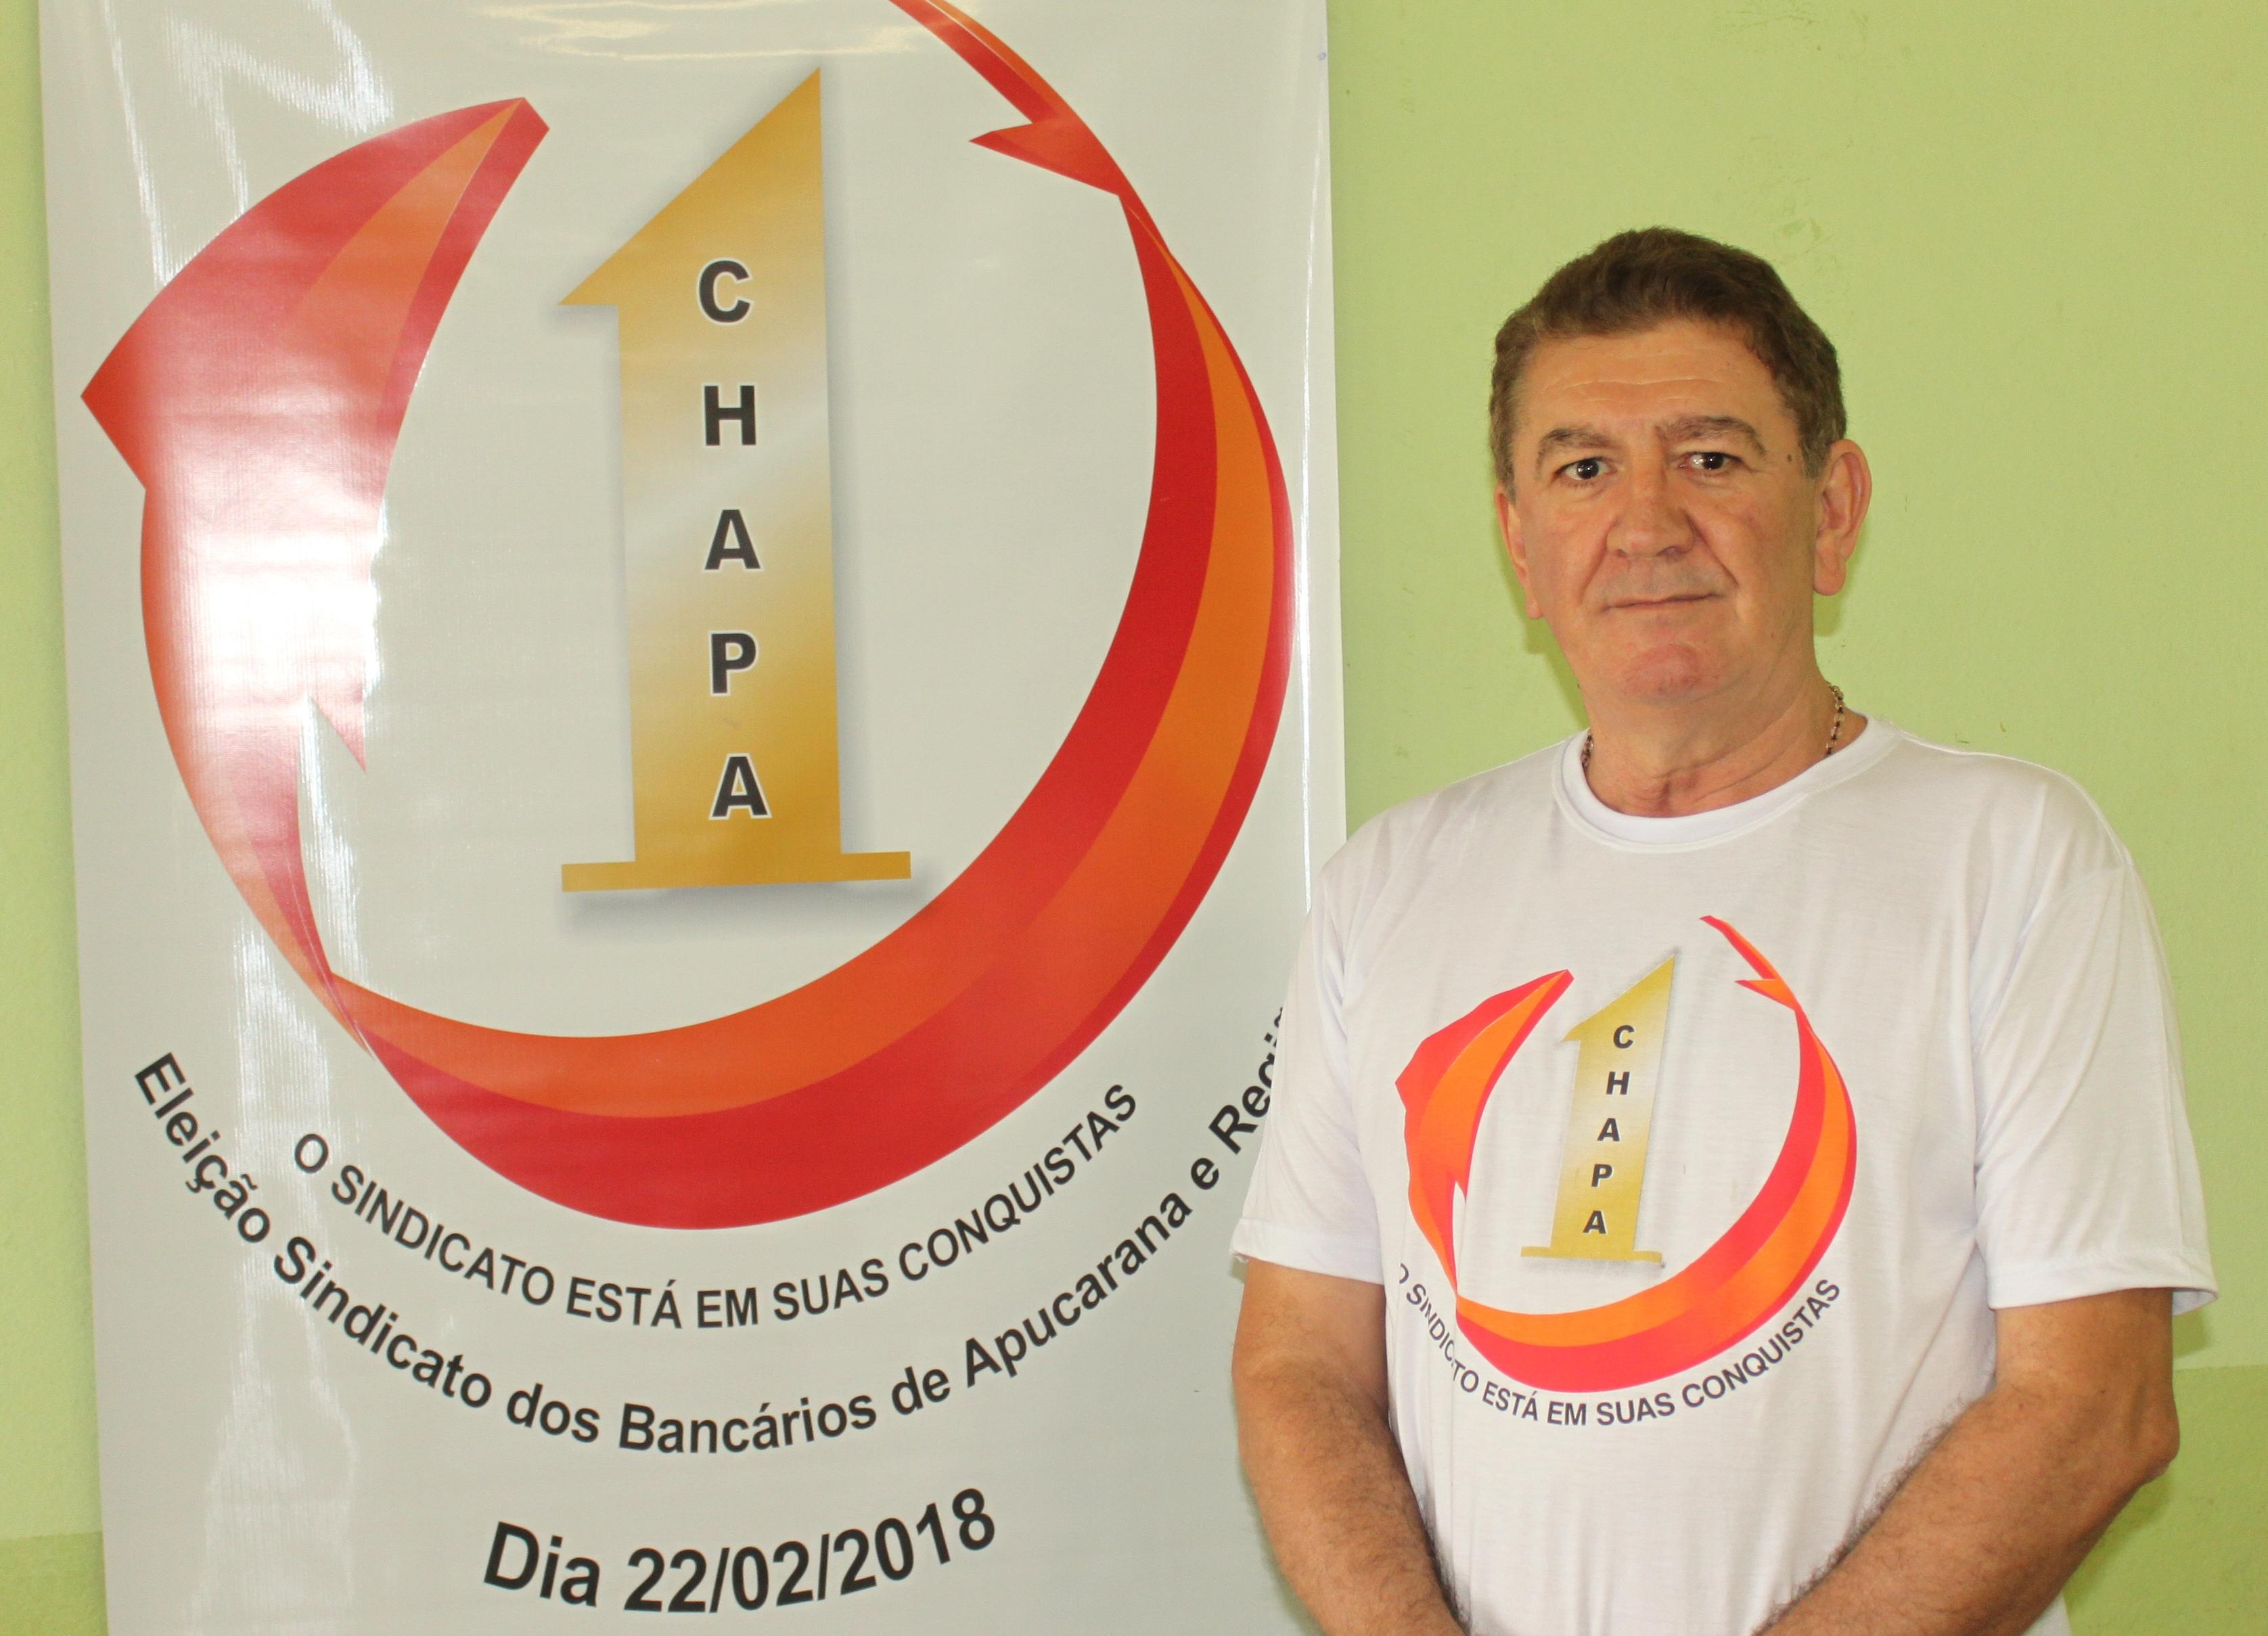 Pedro Simão Romeiro de Souza - Sec. de Assuntos Jurídicos Itaú Arapongas